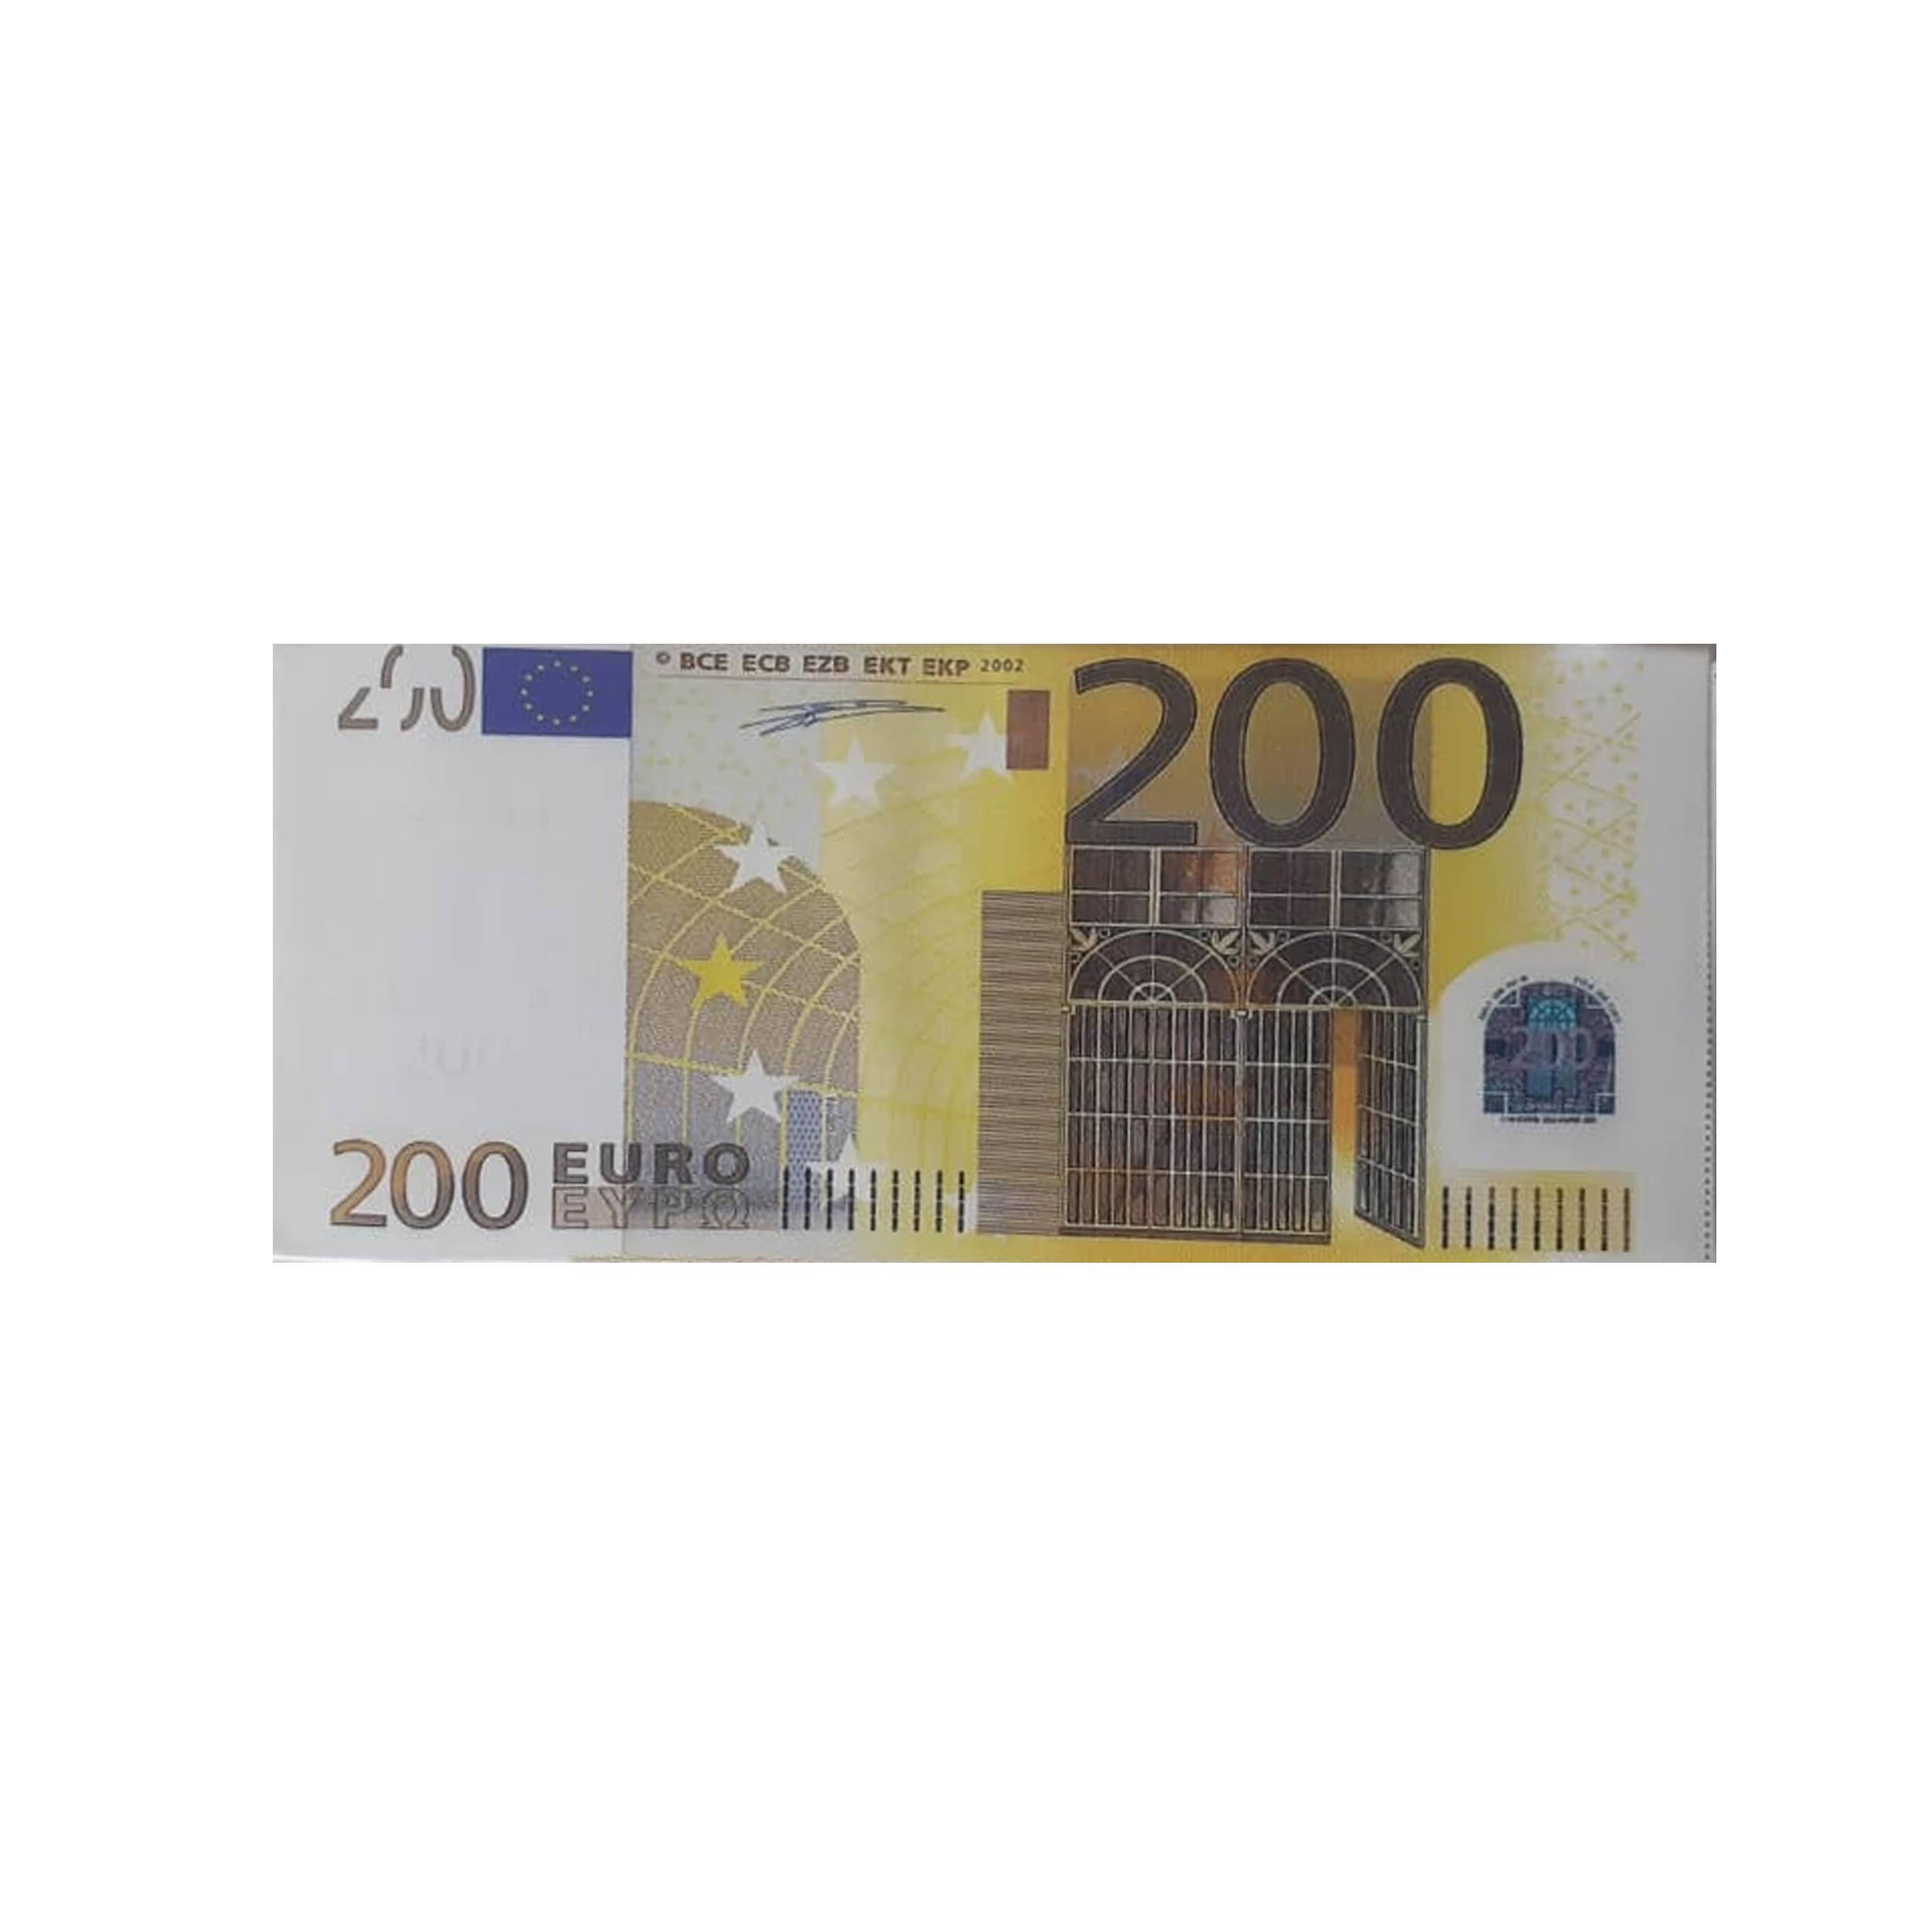 کیف پول طرح 200 یورو مدل 2eu